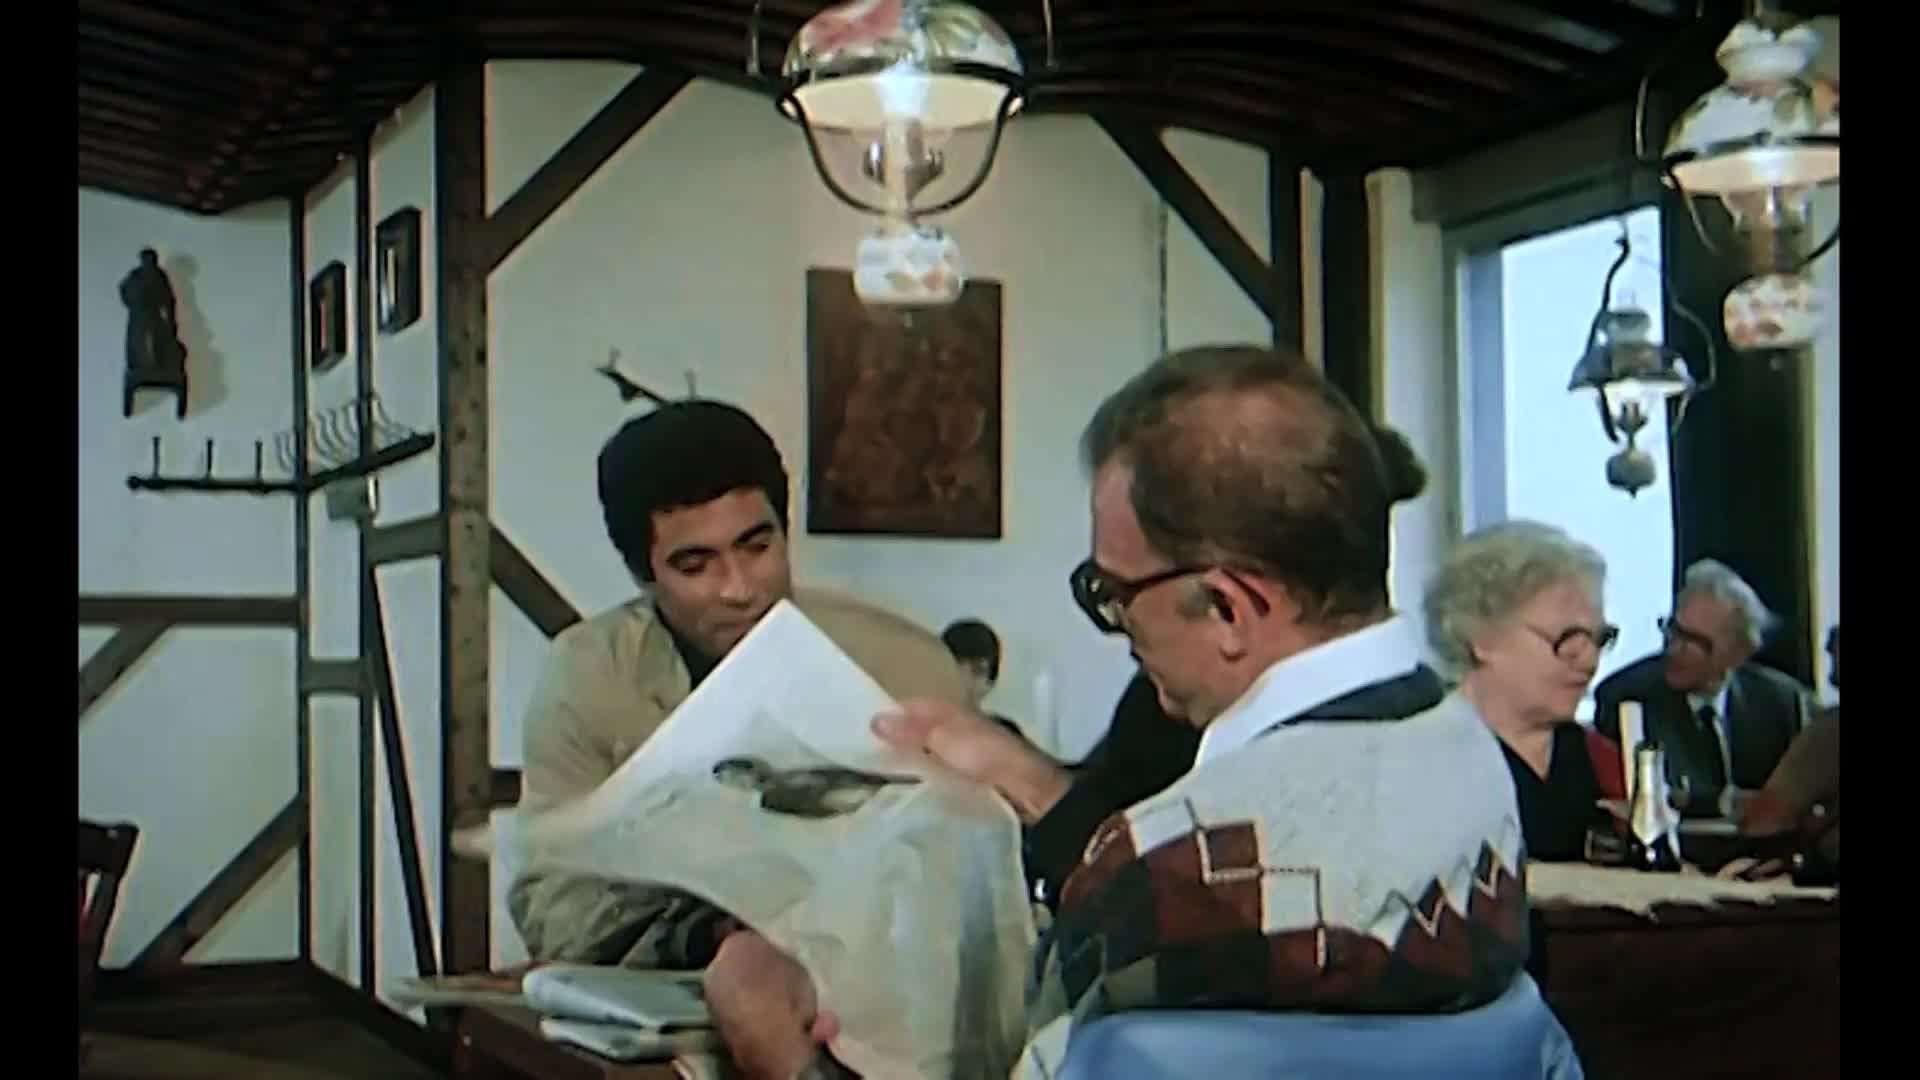 [فيلم][تورنت][تحميل][النمر الأسود][1984][1080p][Web-DL] 13 arabp2p.com